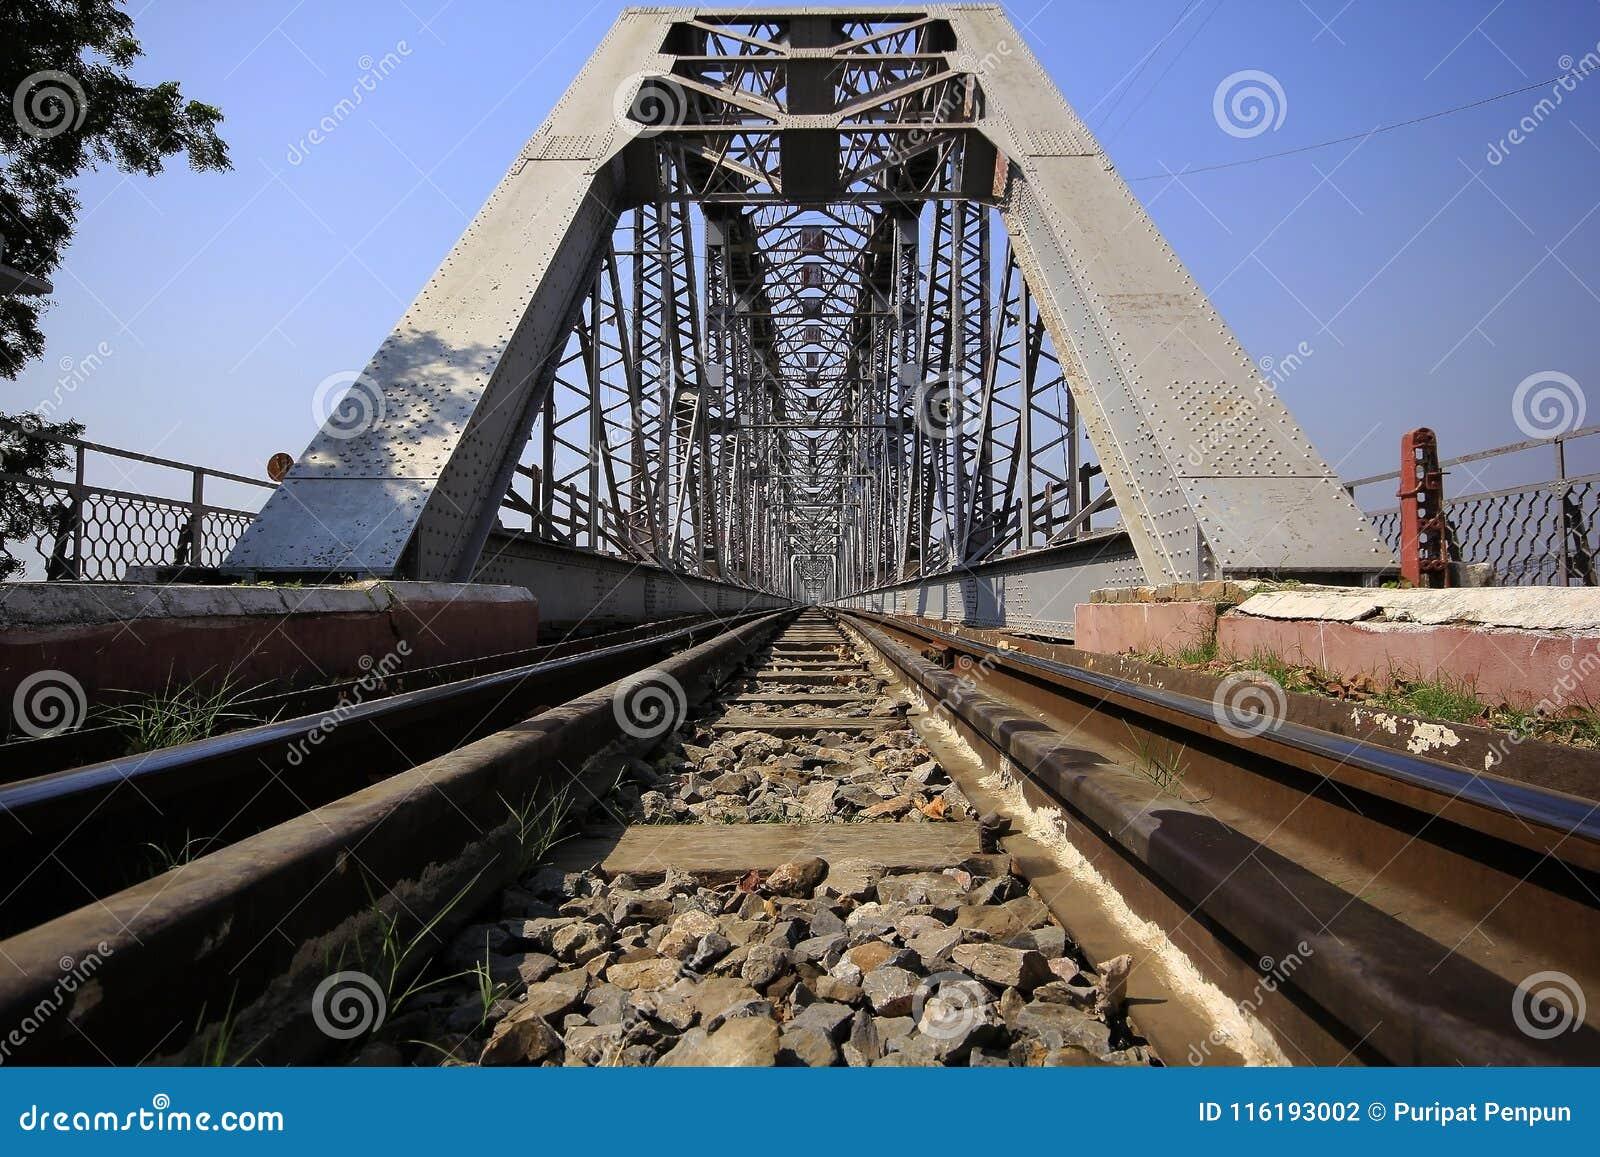 Trilhas de estrada de ferro e pontes de aço em myanmar